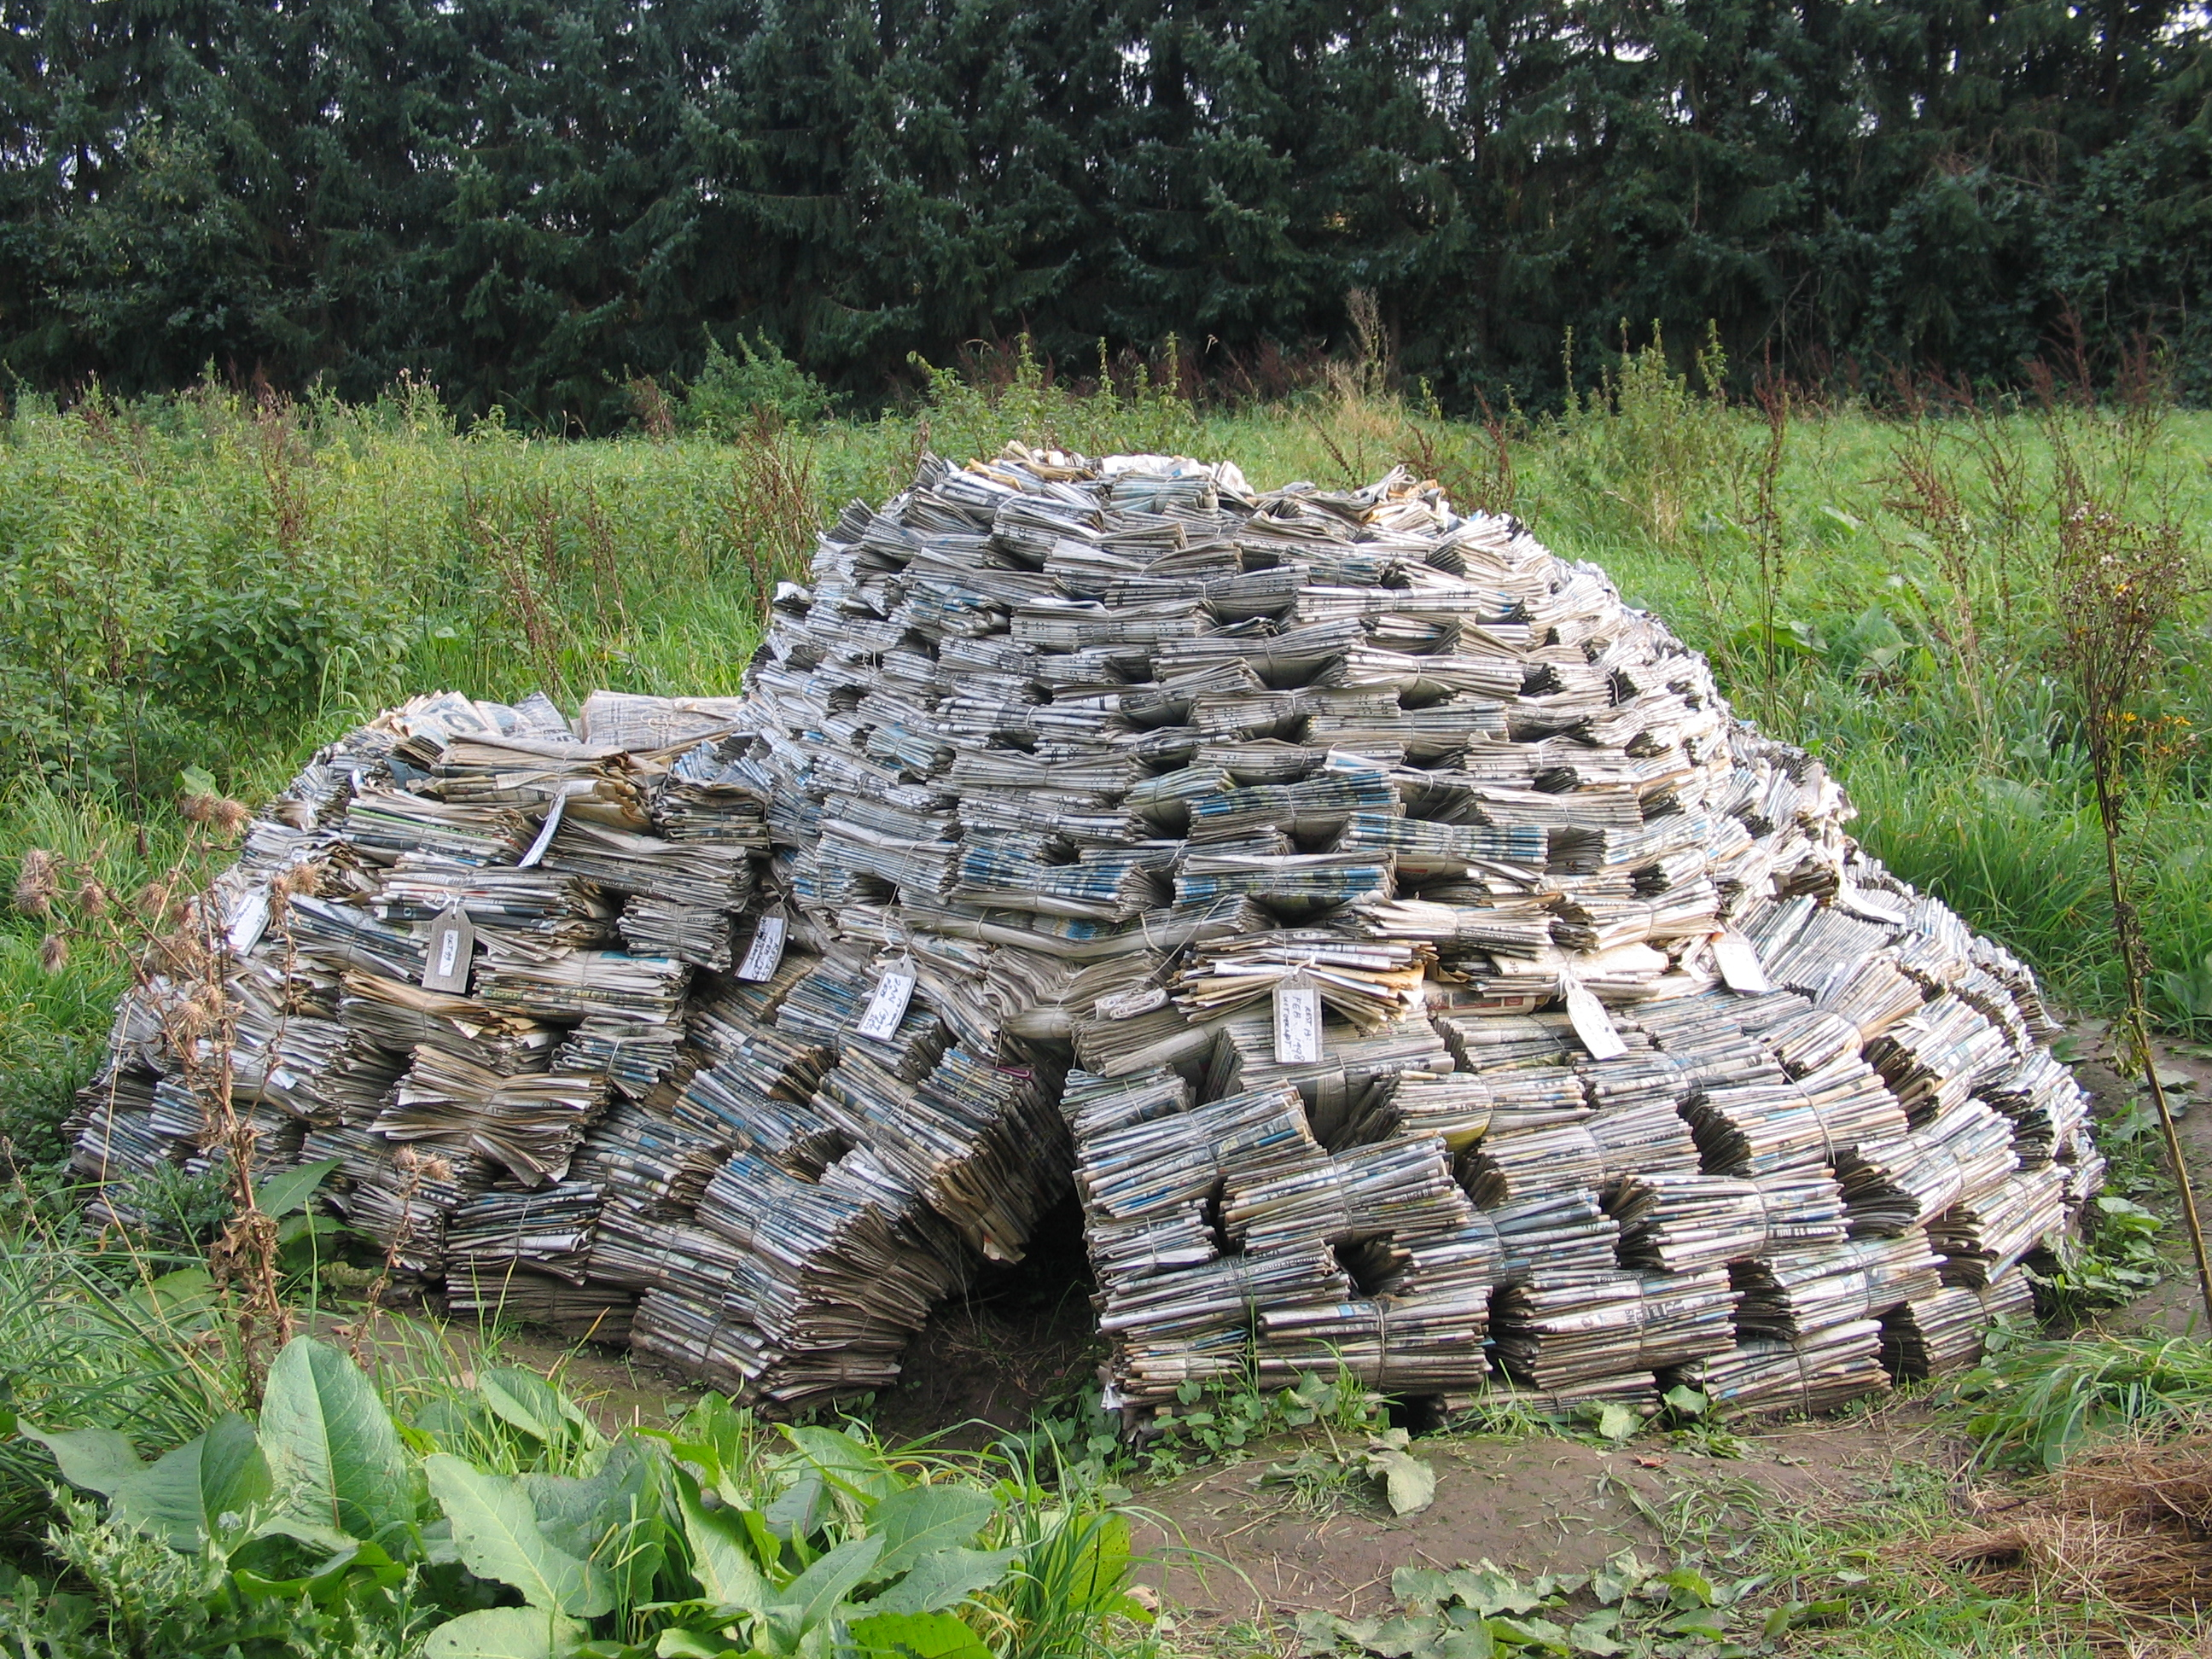 Opslag, kranten, touw en lijm 2007 in expositie 'Hiding goods', Alarm, Beugen